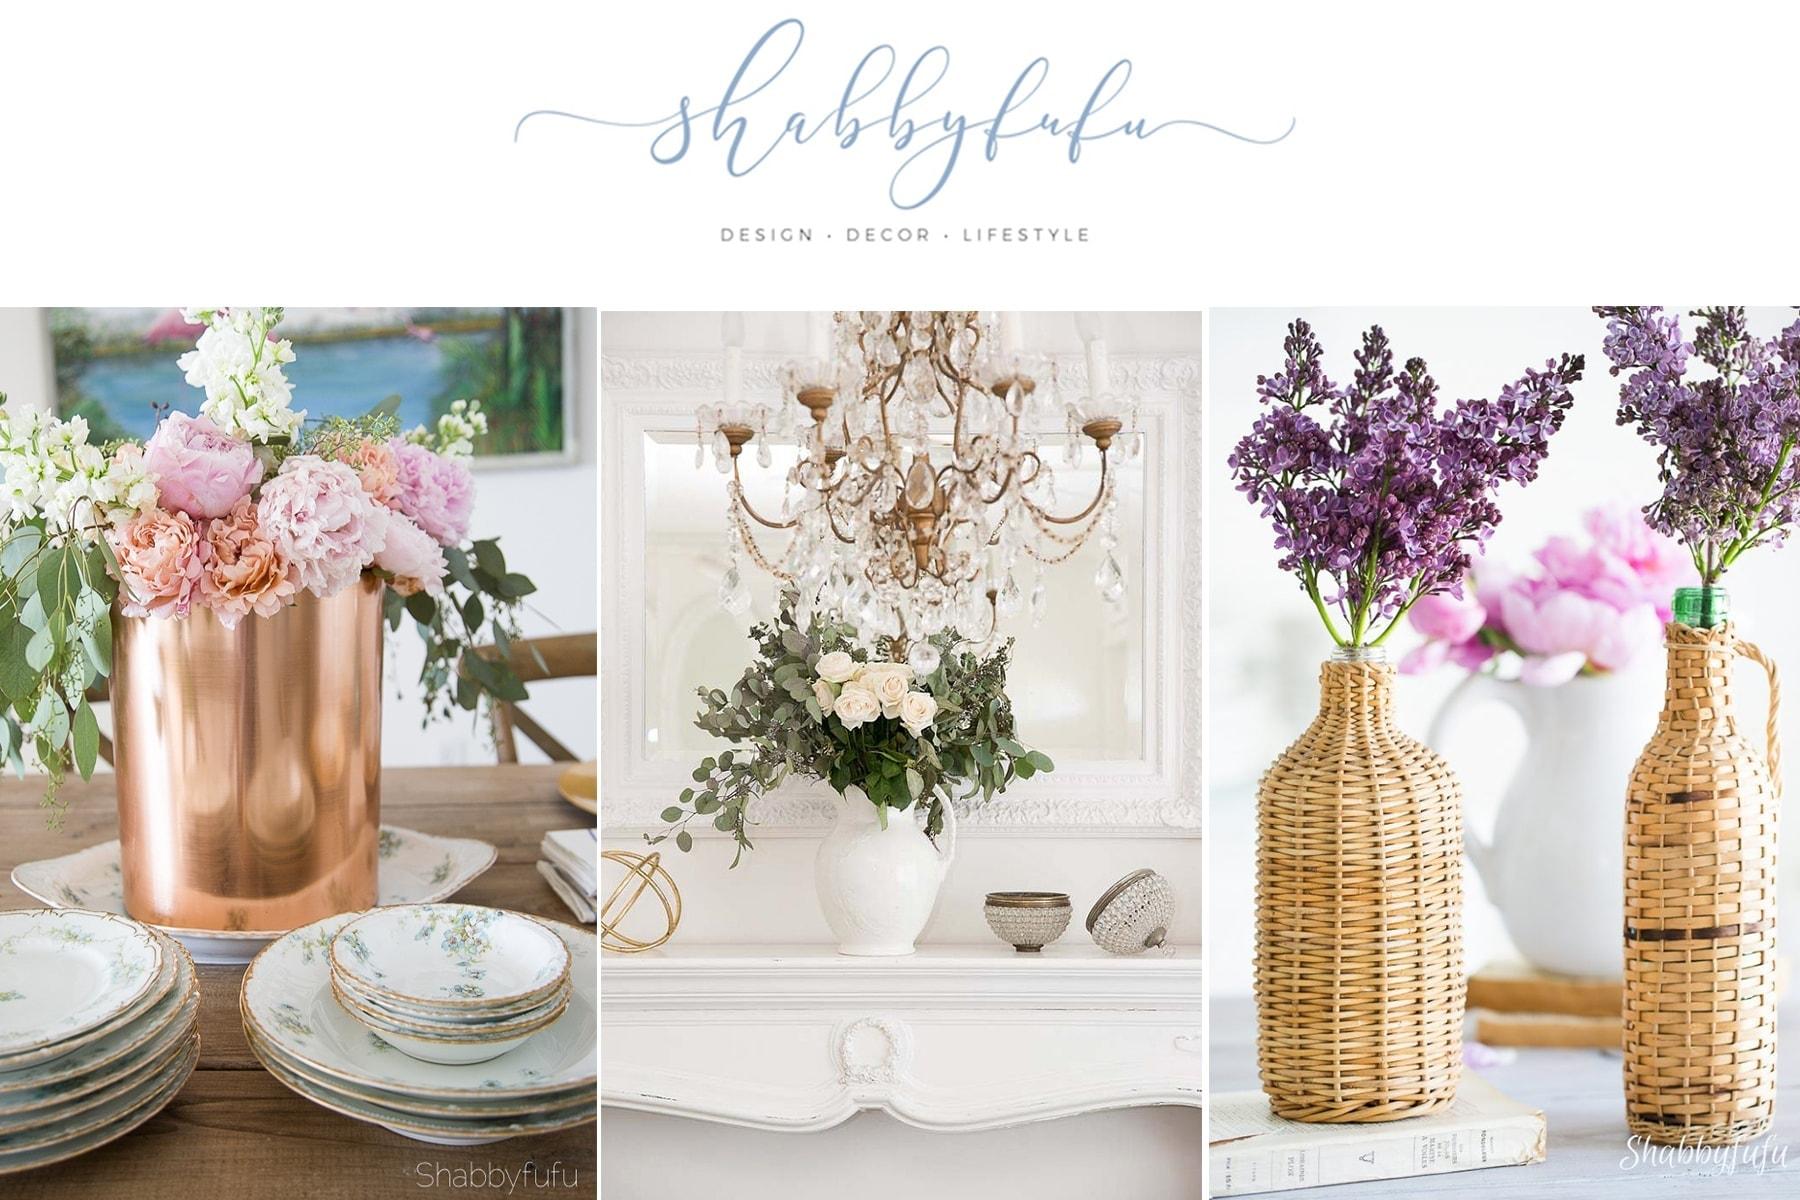 Style-Showcase-89 Shabbyfufu